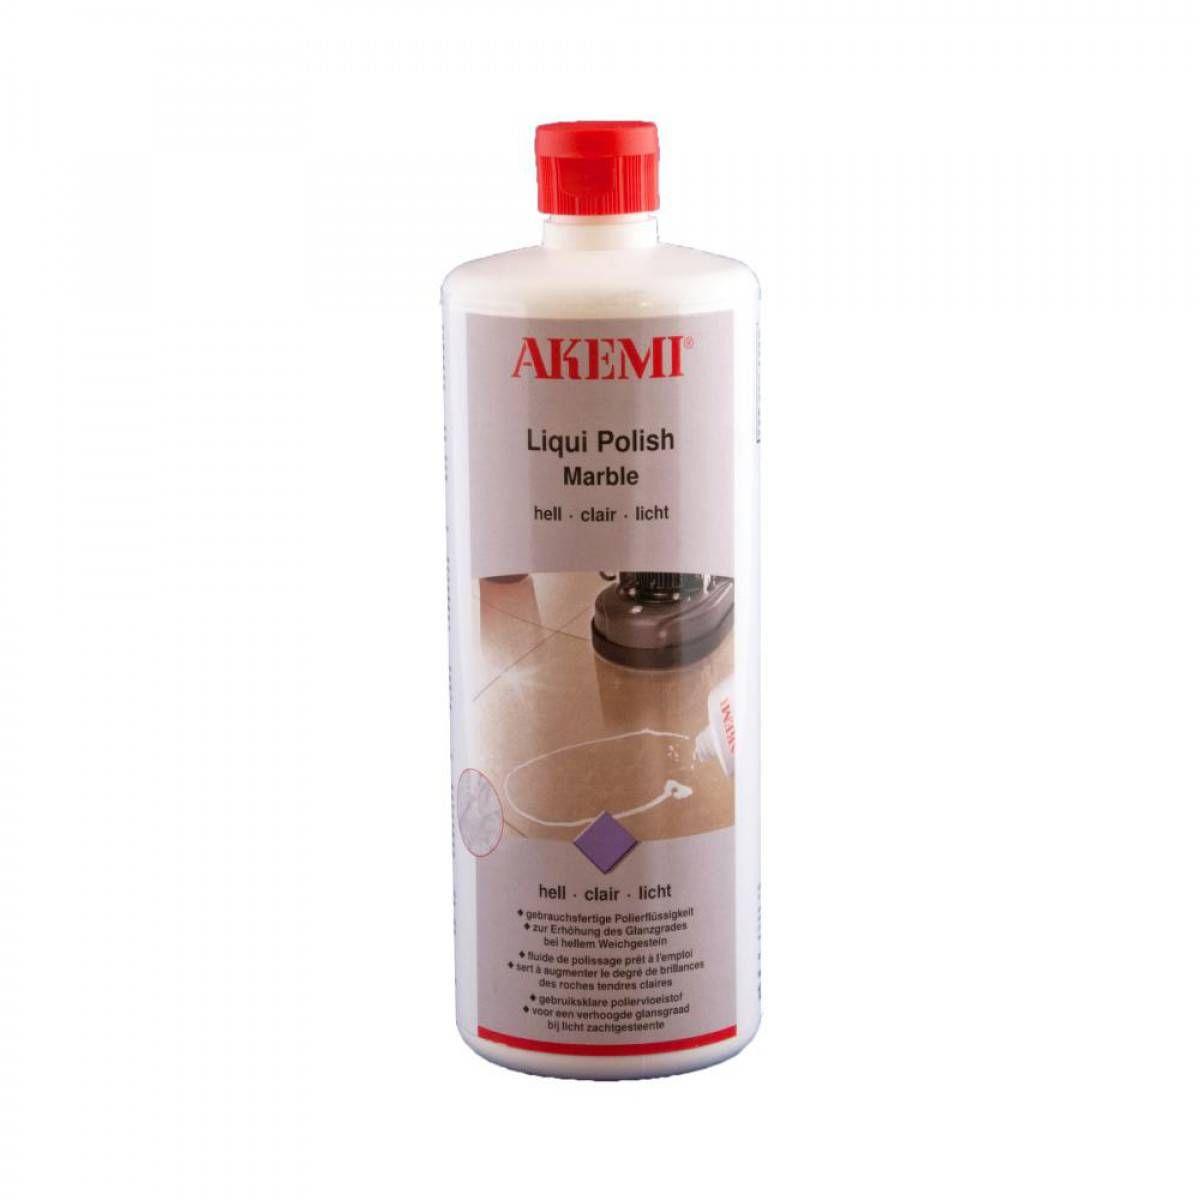 Liqui Polish Marbre Akemi Avec Images Marbre Conditionnement 20 M2